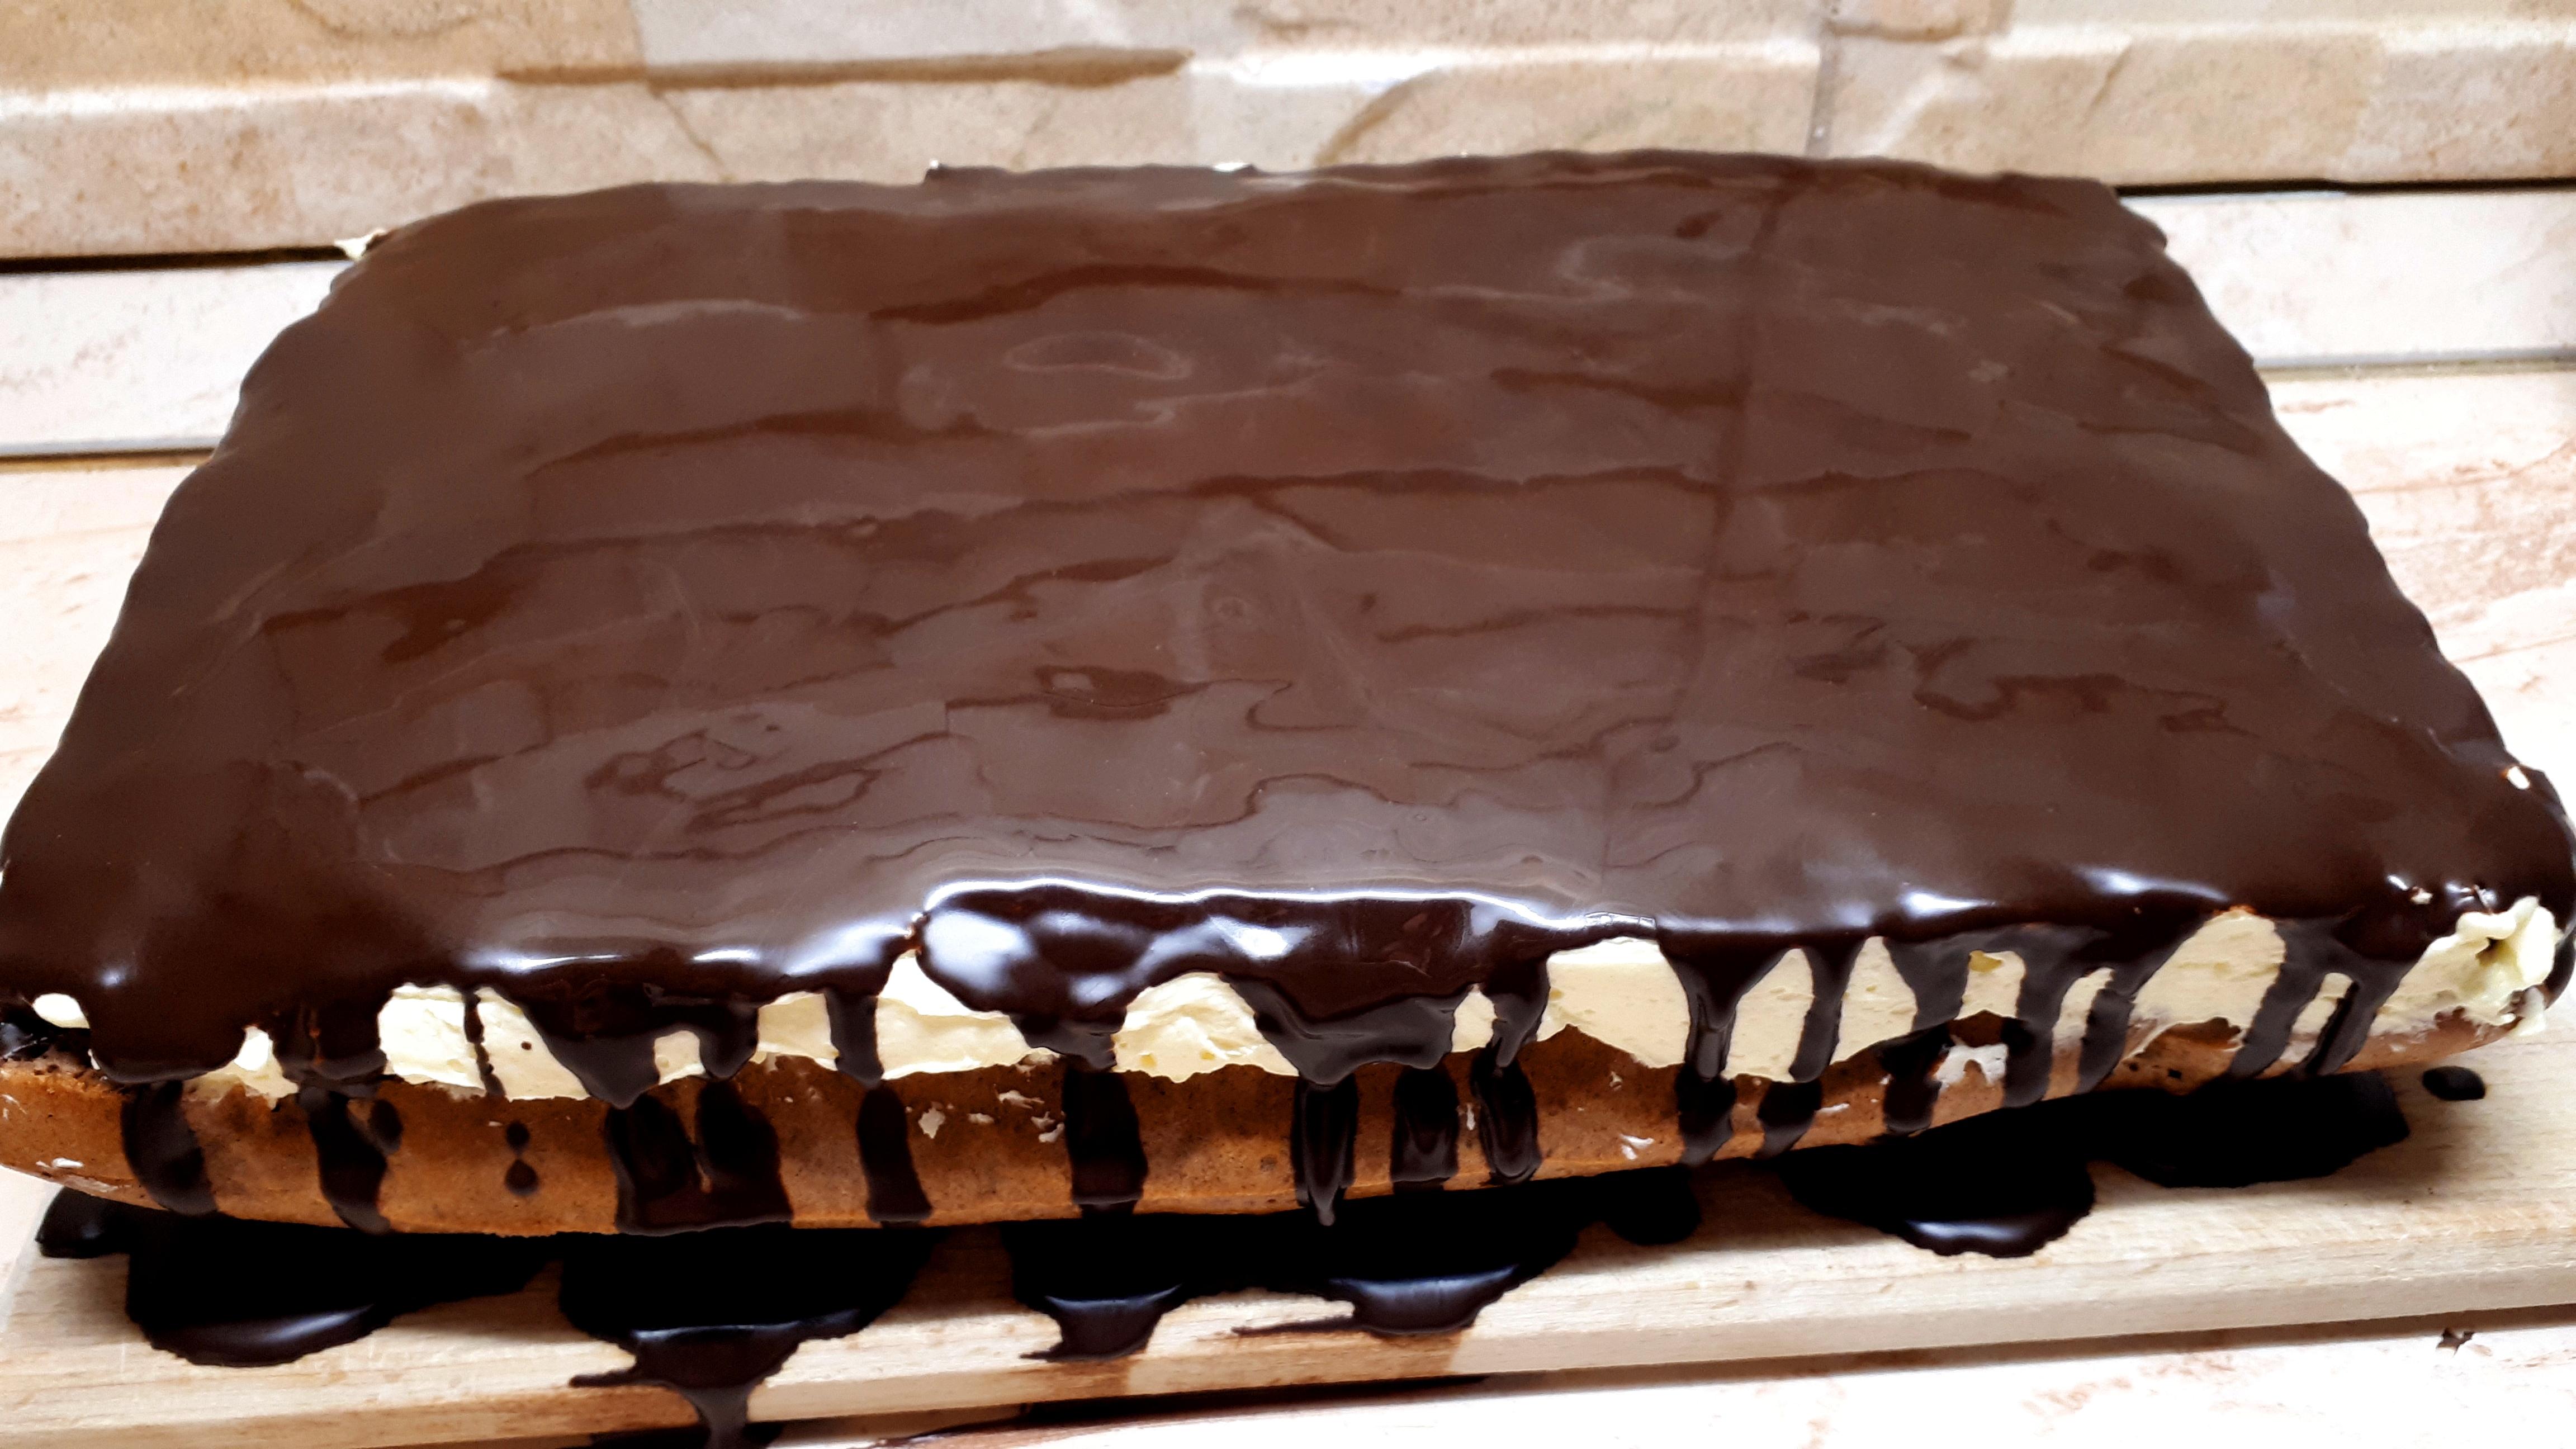 Szénhidrátcsökkentett, cukormentes fordított almás krémes sütemény készítése Dia Wellness 50 % lisztkeverékből